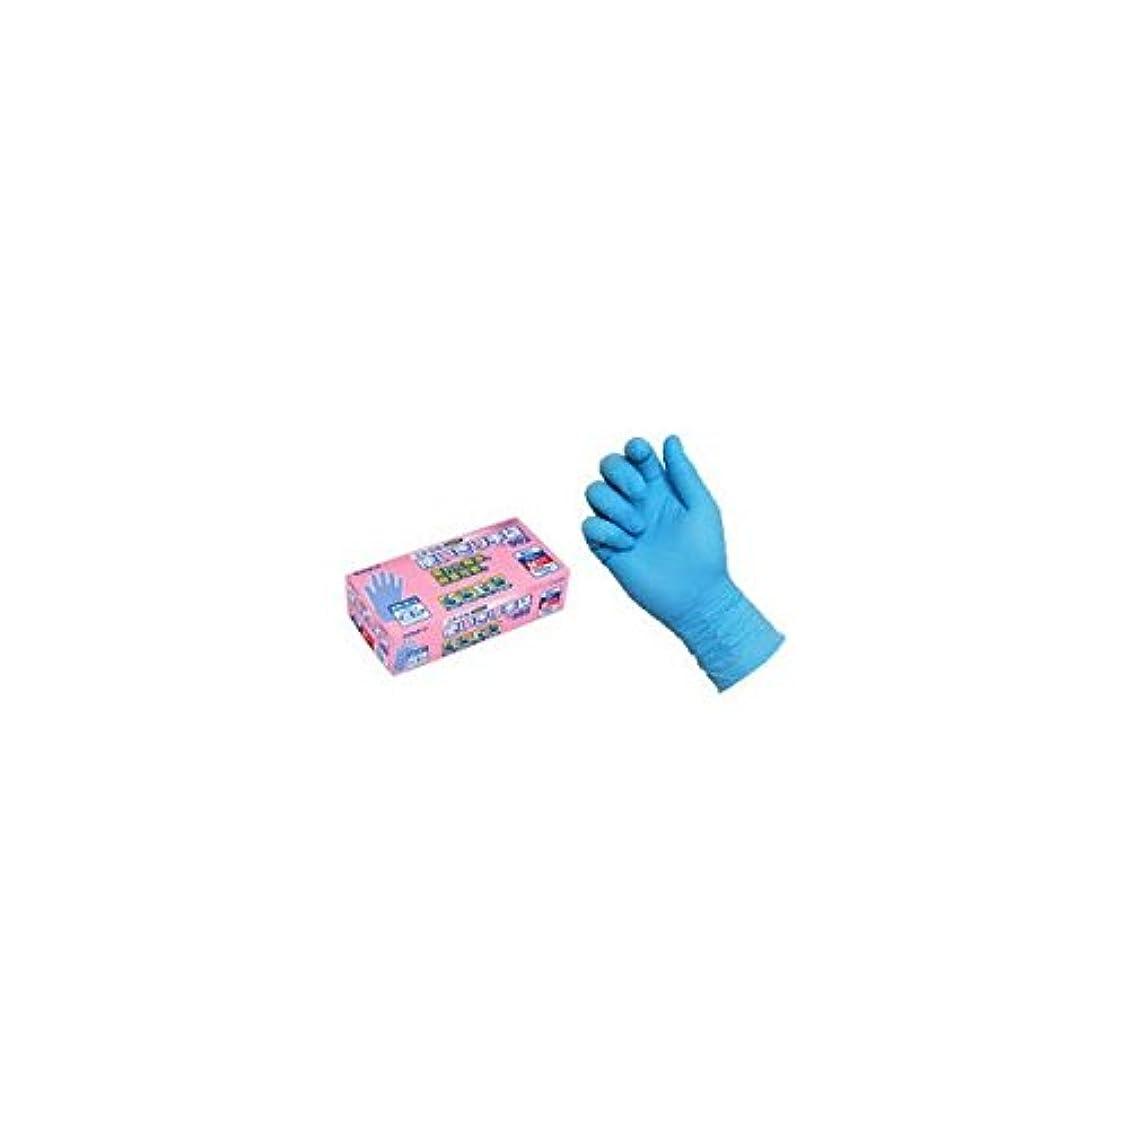 ブラウズまだシンジケートニトリル使いきり手袋 PF NO.992 S ブルー エステー 【商品CD】ST4762